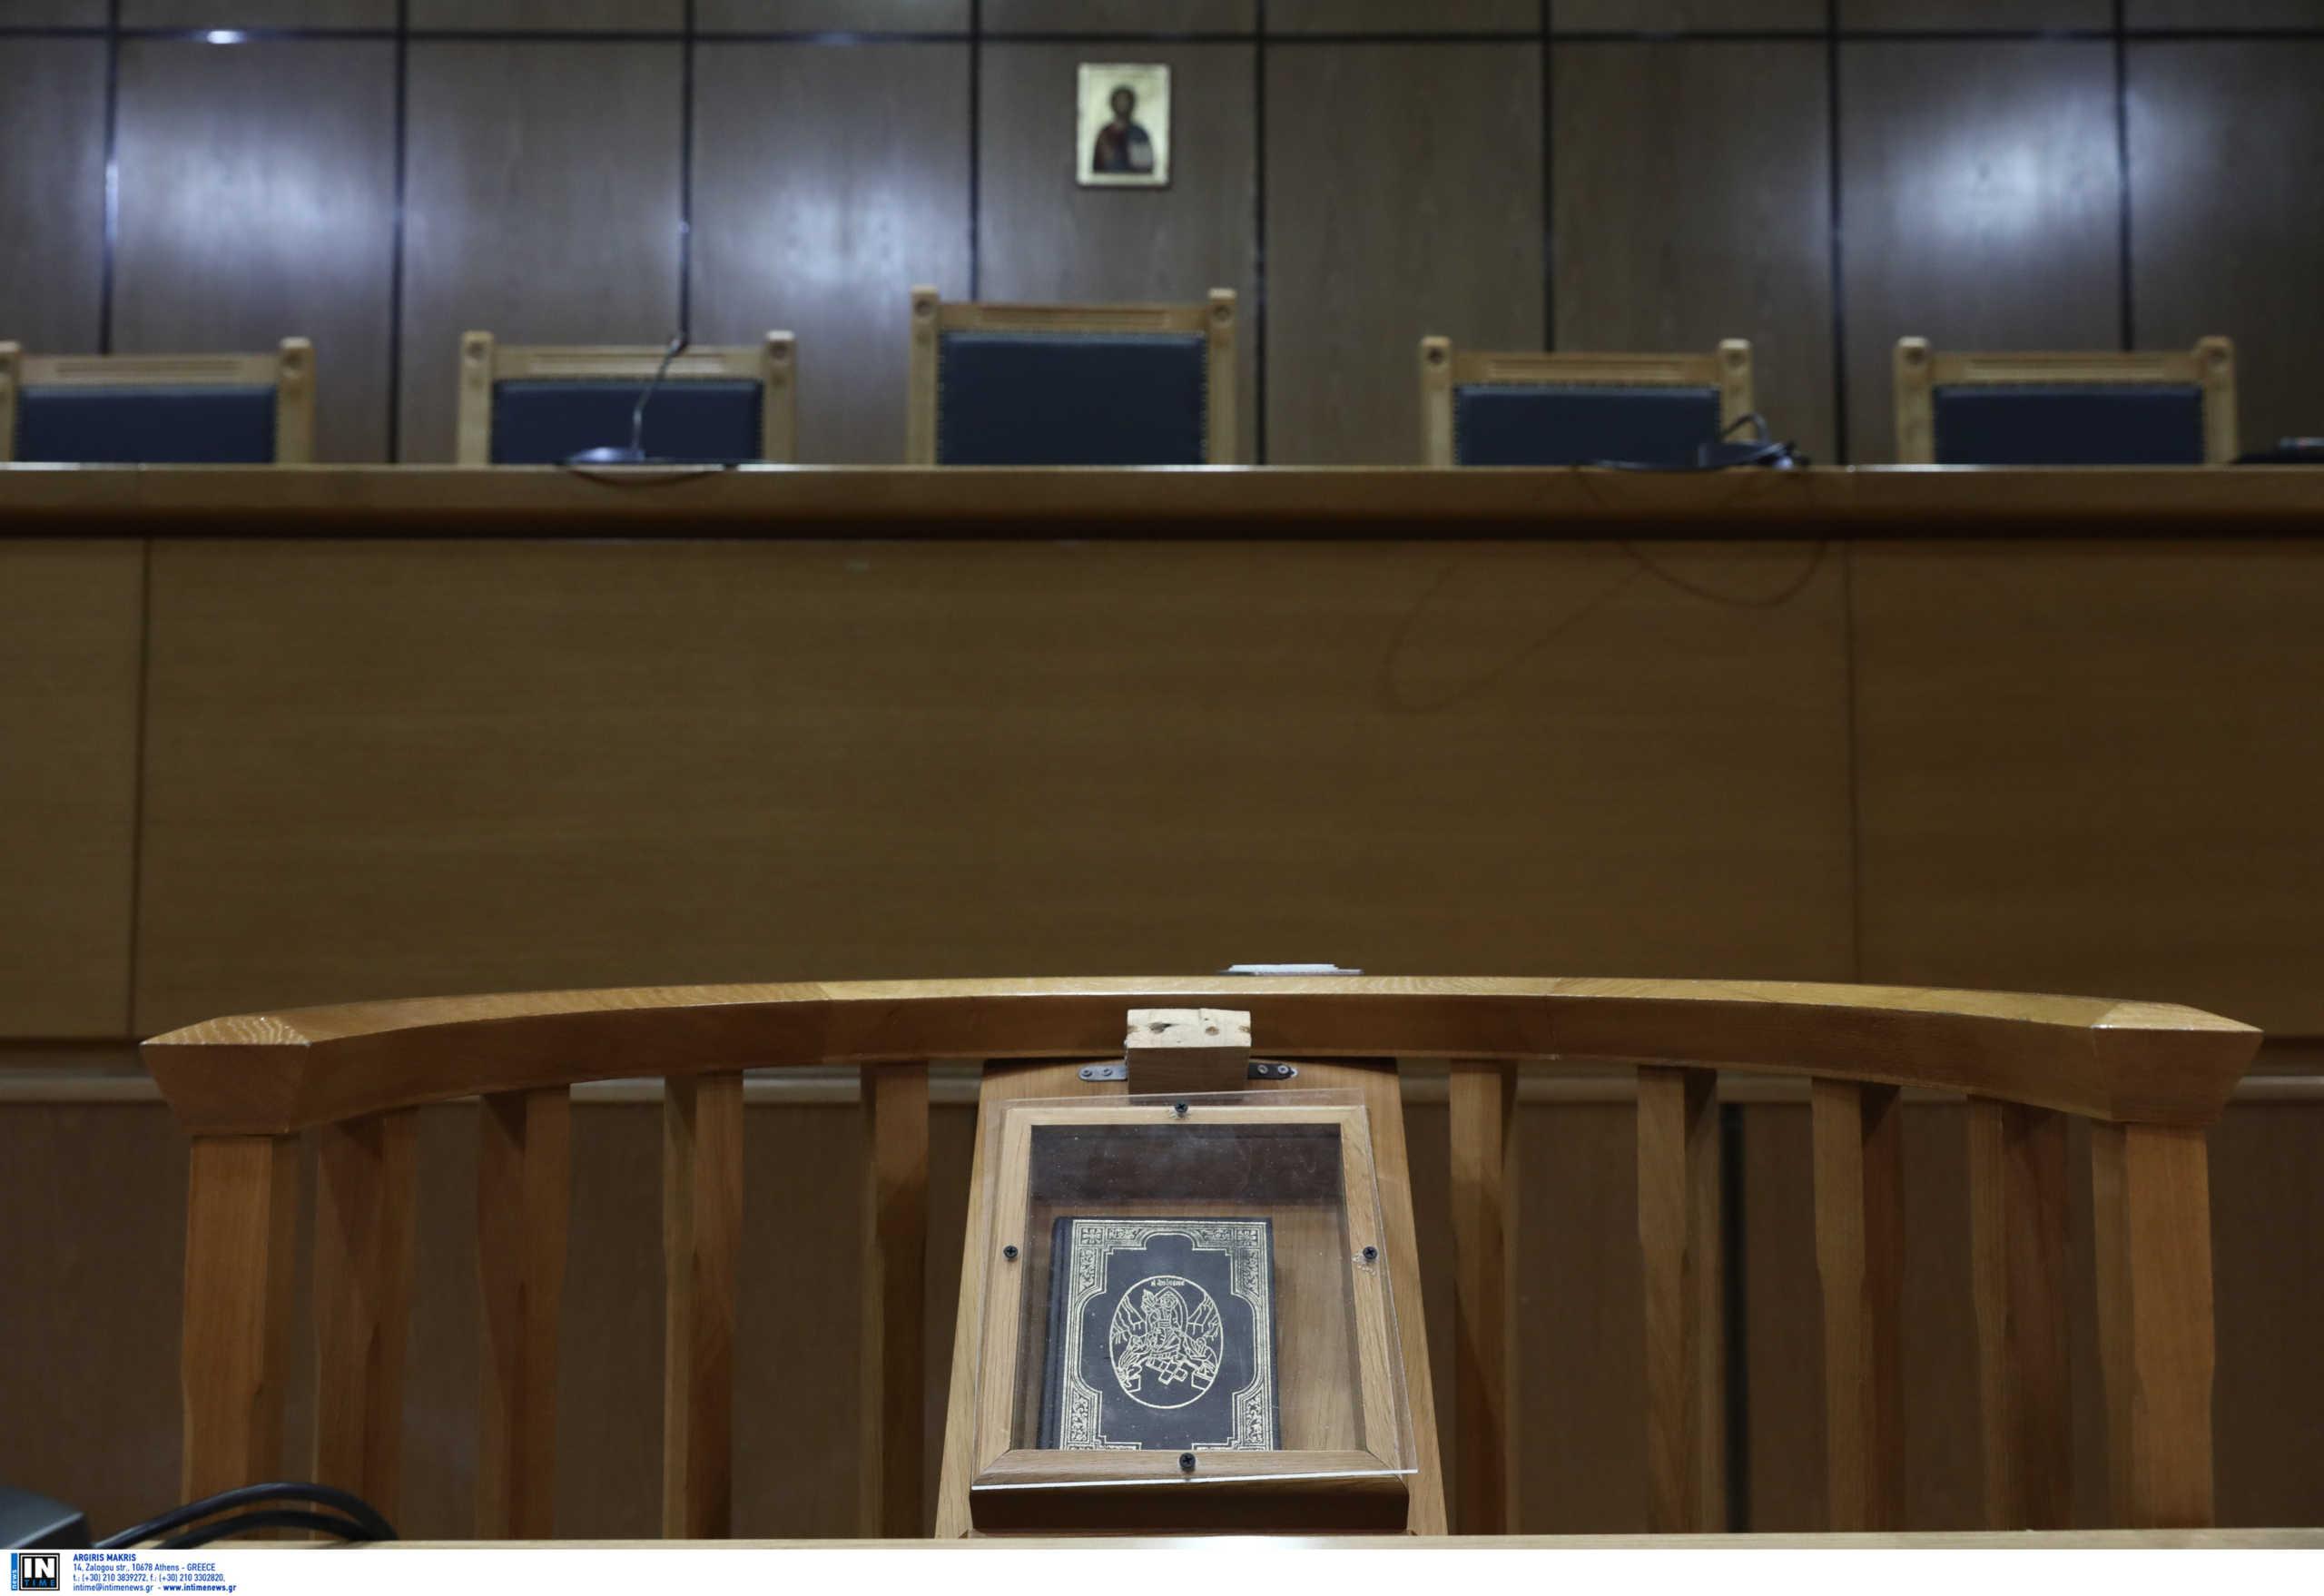 Βόλος: Άκουσε την απόφαση του ανακριτή και άρχισε να χτυπάει το κεφάλι του στον τοίχο του δικαστηρίου!